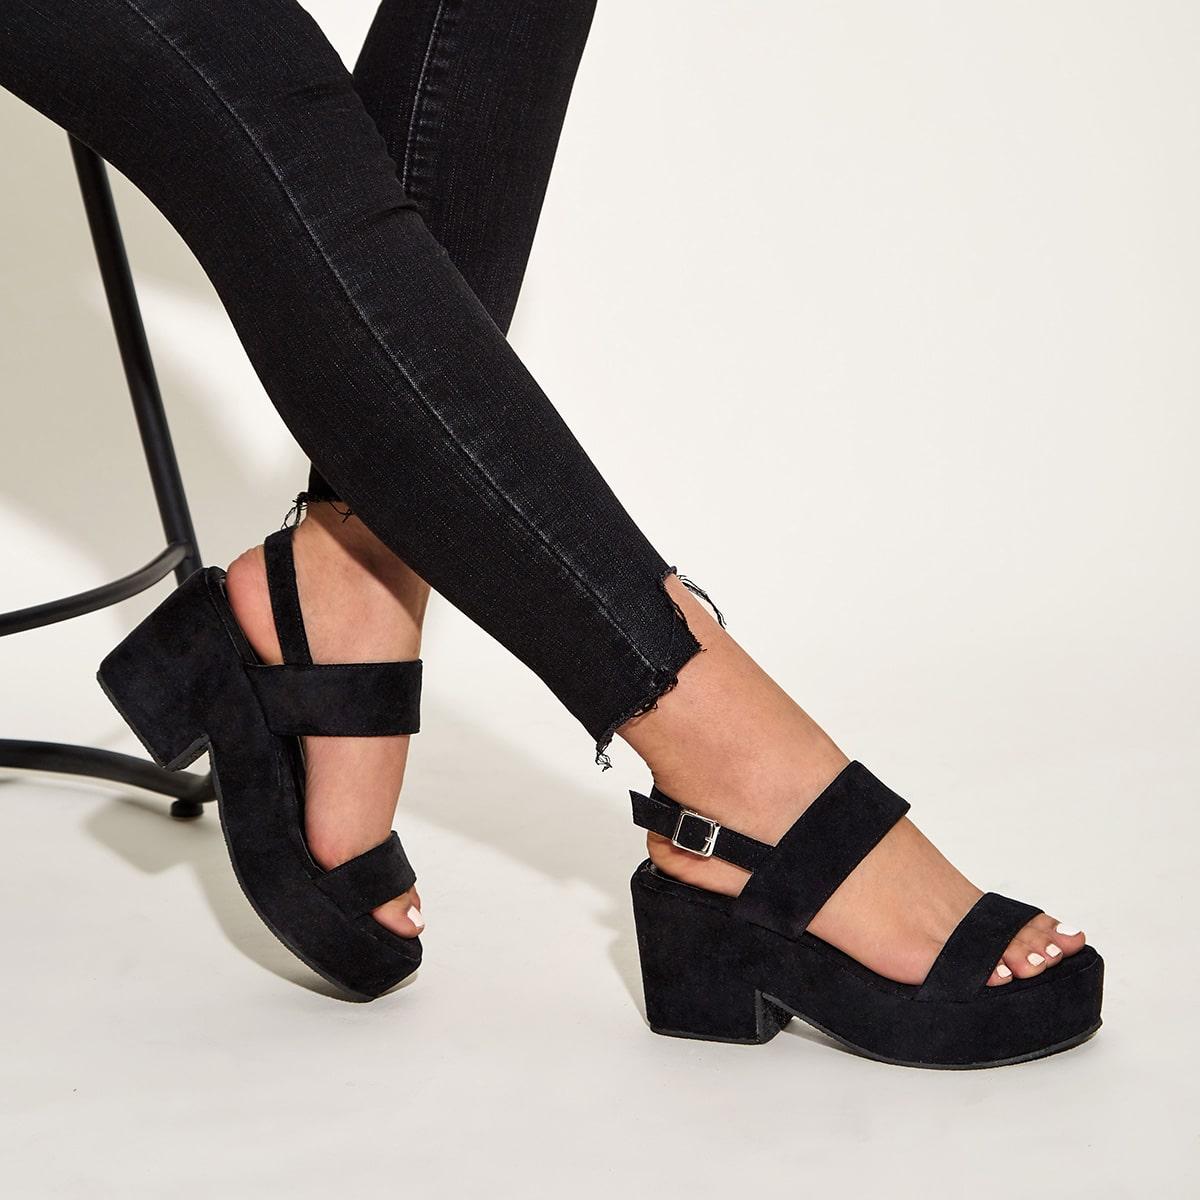 Туфли с массивным каблуком, открытым носком и открытой пяткой